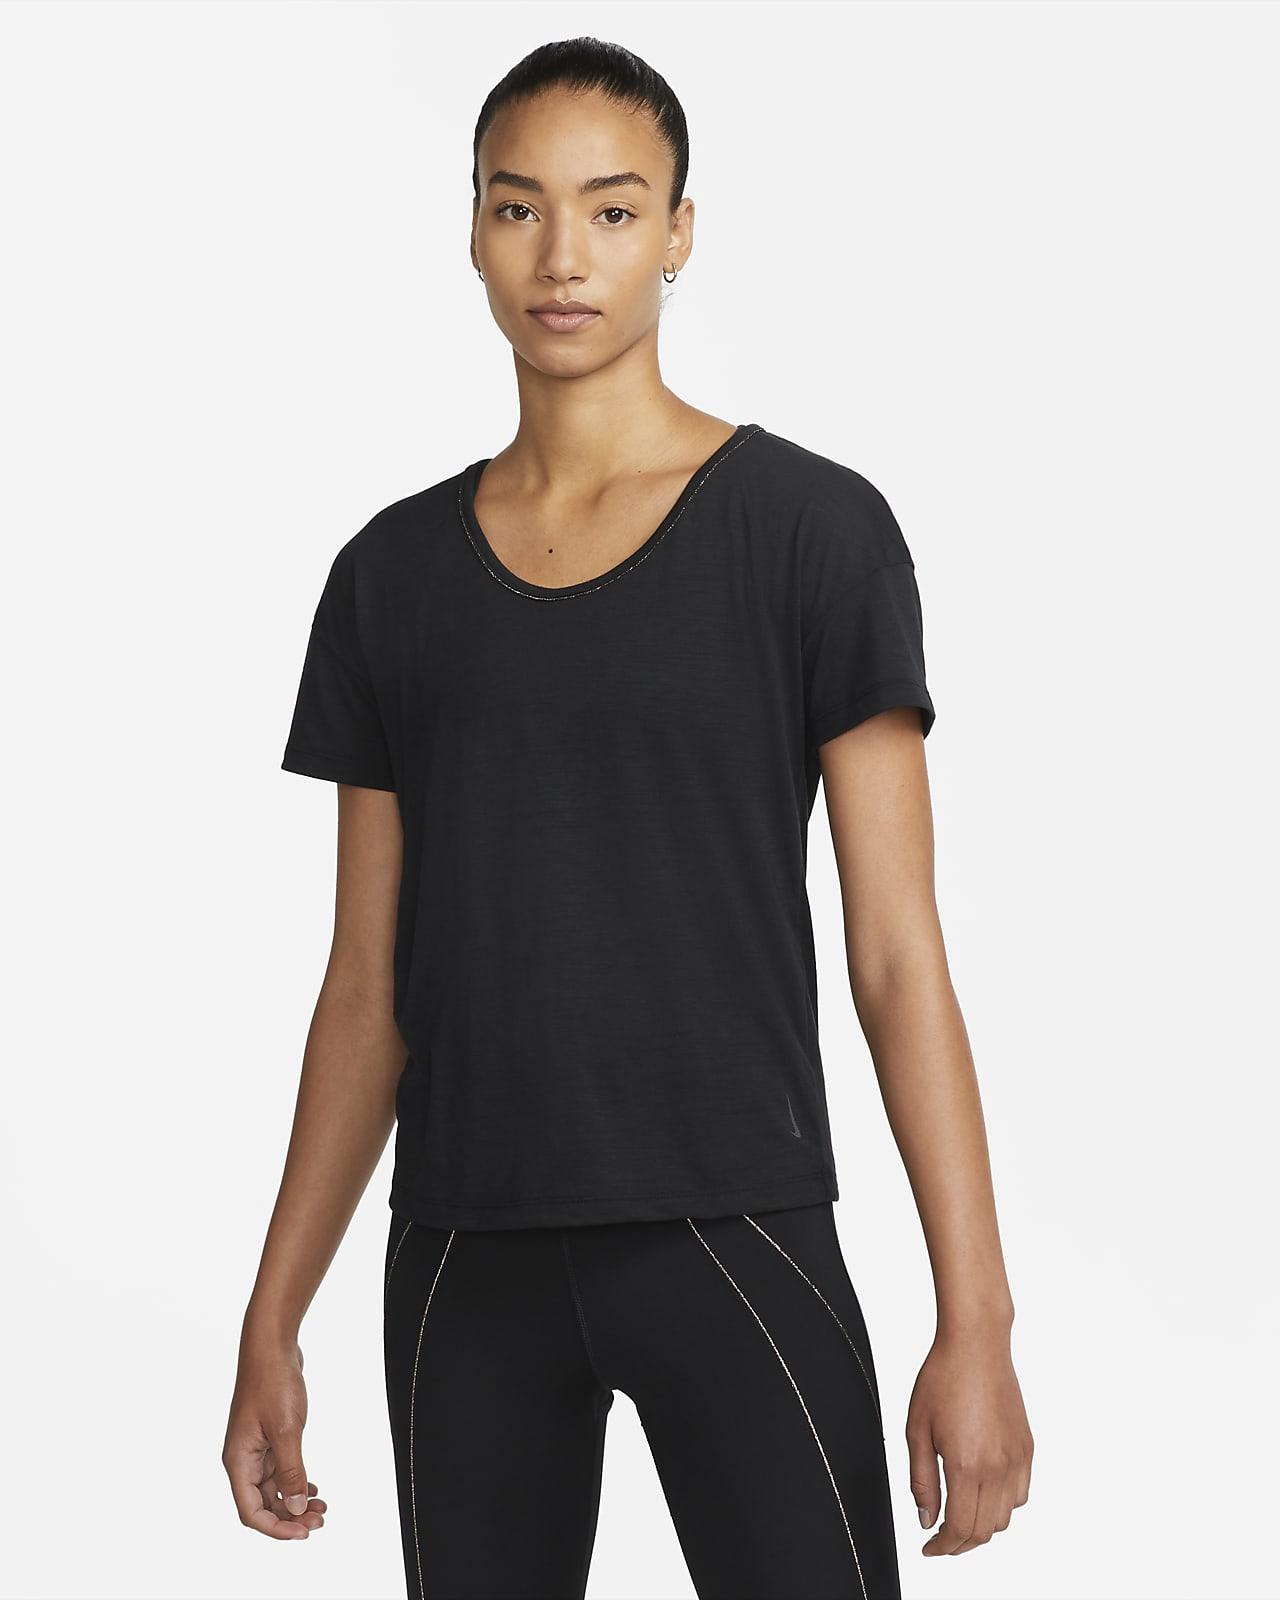 เสื้อวิ่งแขนสั้นแต่งขอบเมทัลลิกผู้หญิง Nike Yoga Dri-FIT